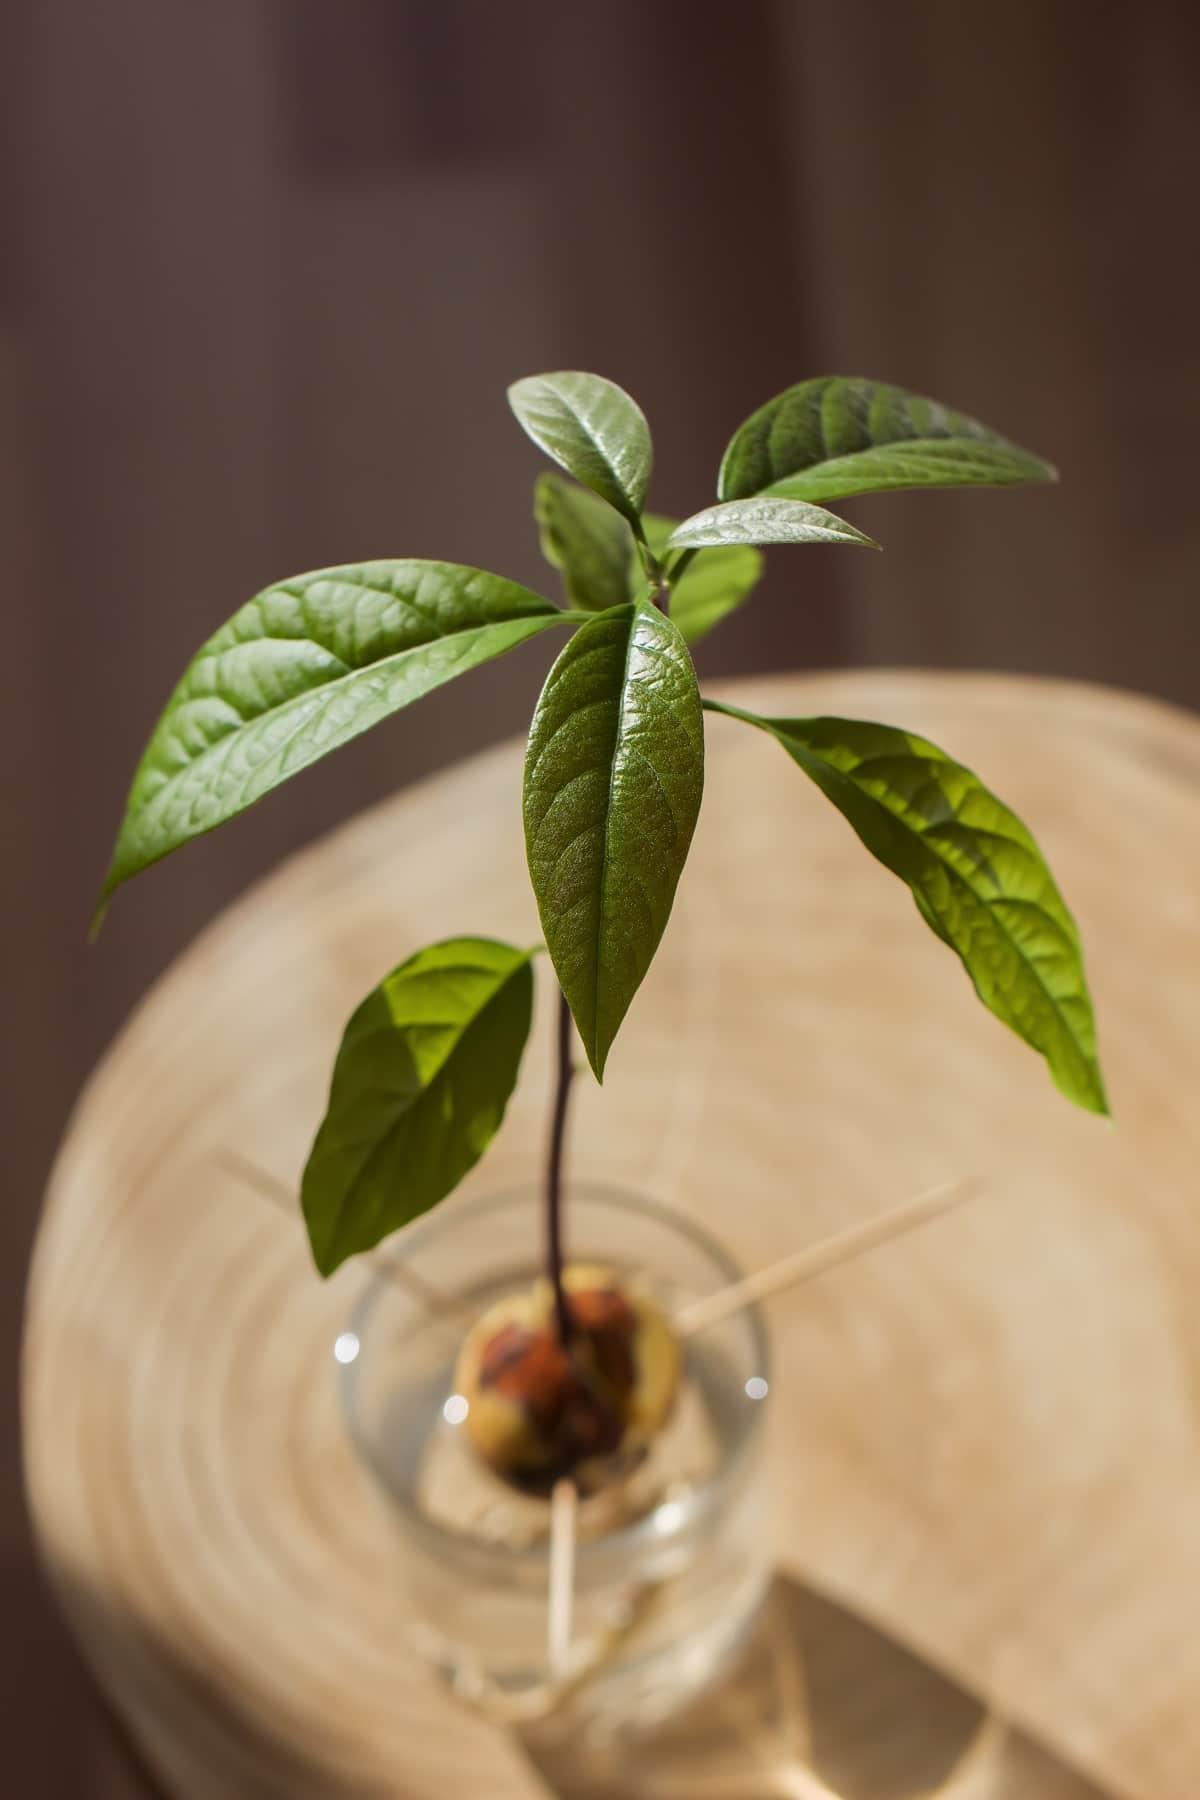 Avocado Tree Growing in Water